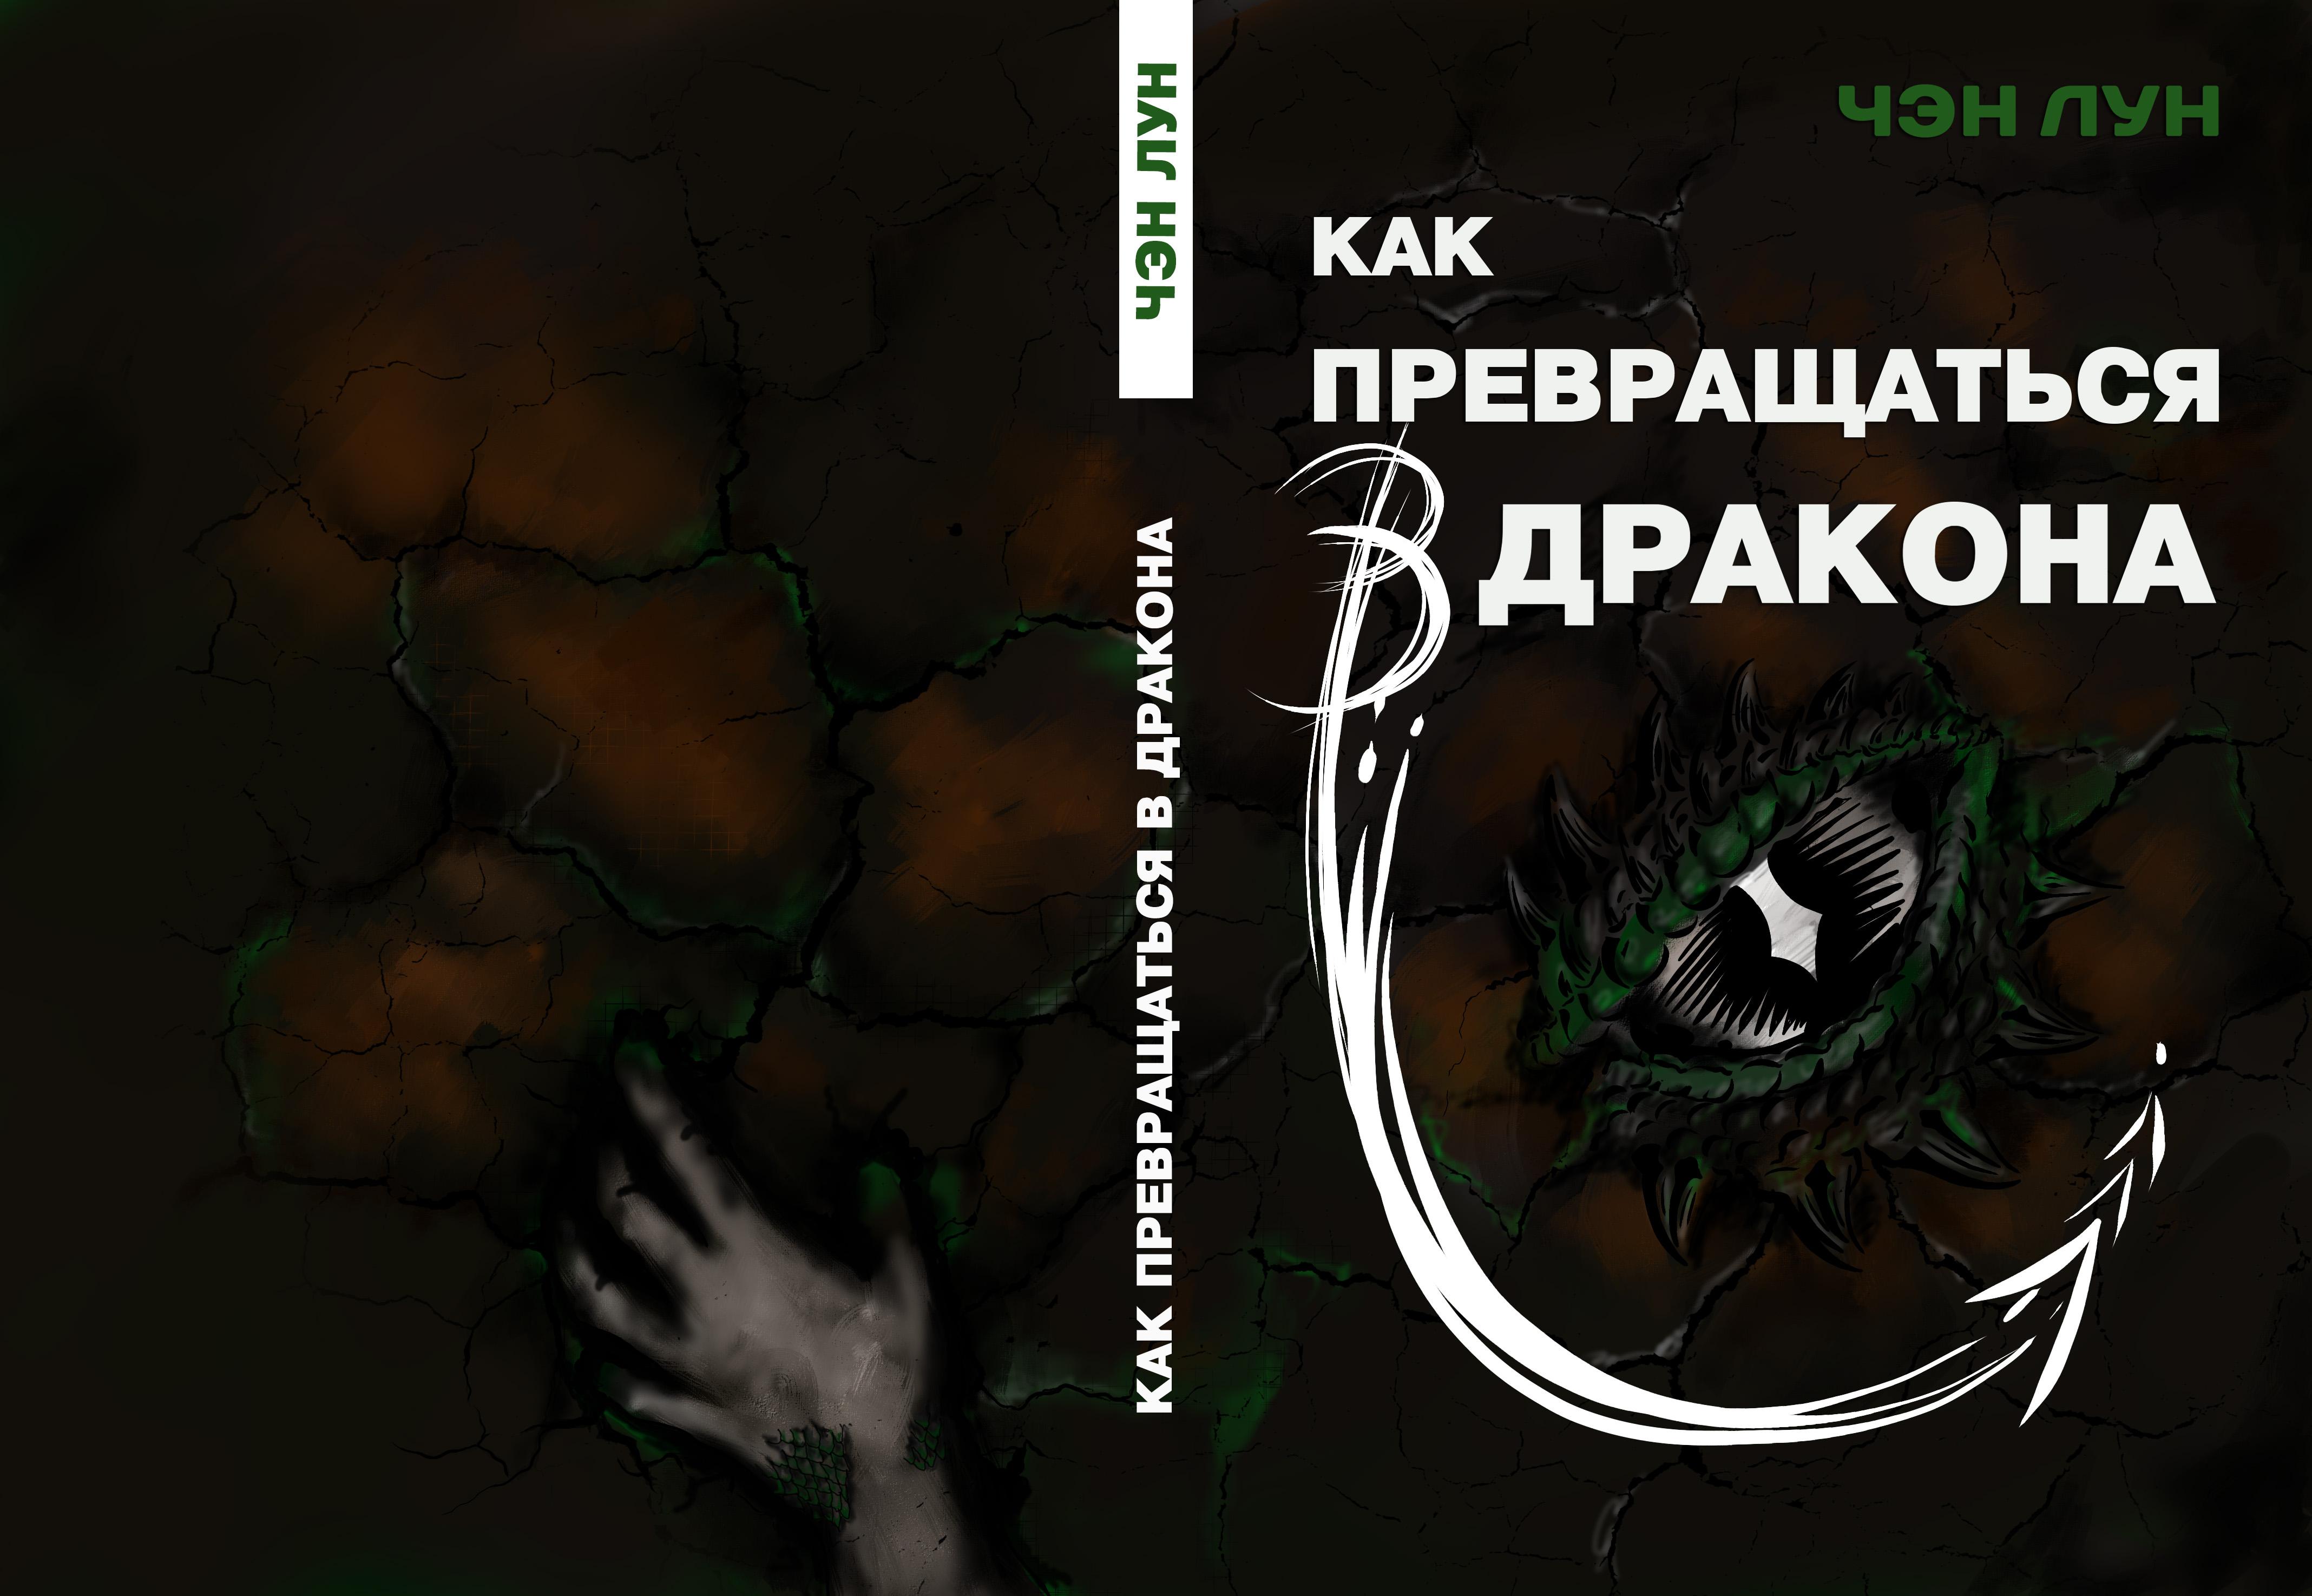 Обложка для книги фото f_6225f45e673382dd.jpg